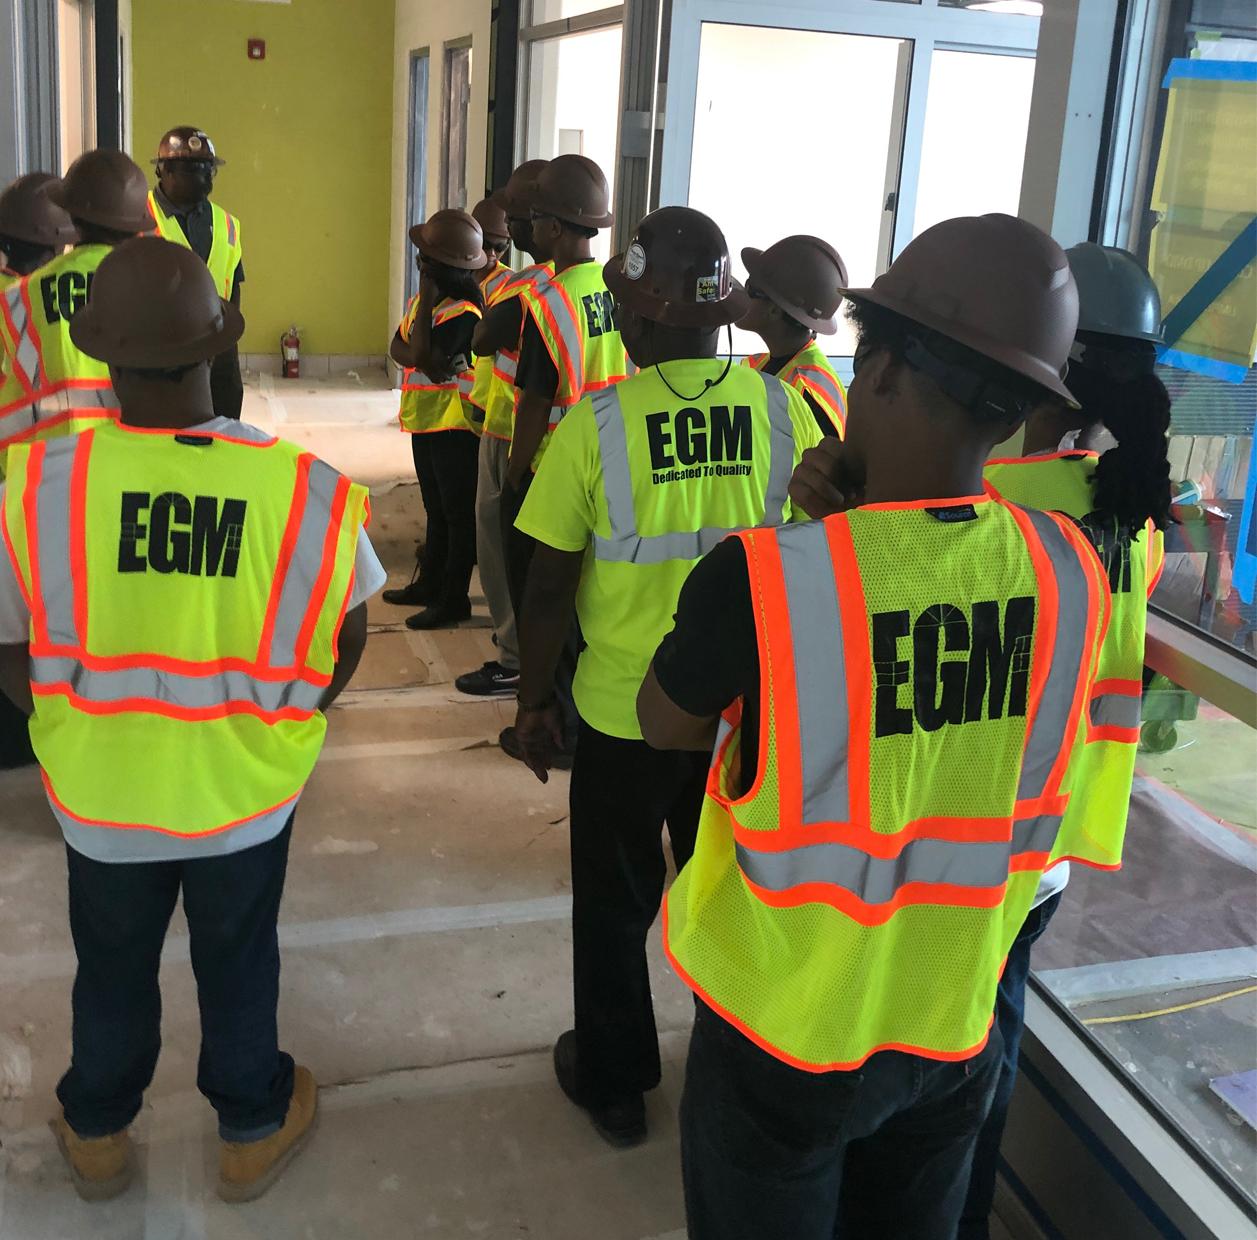 EGM trainees on site